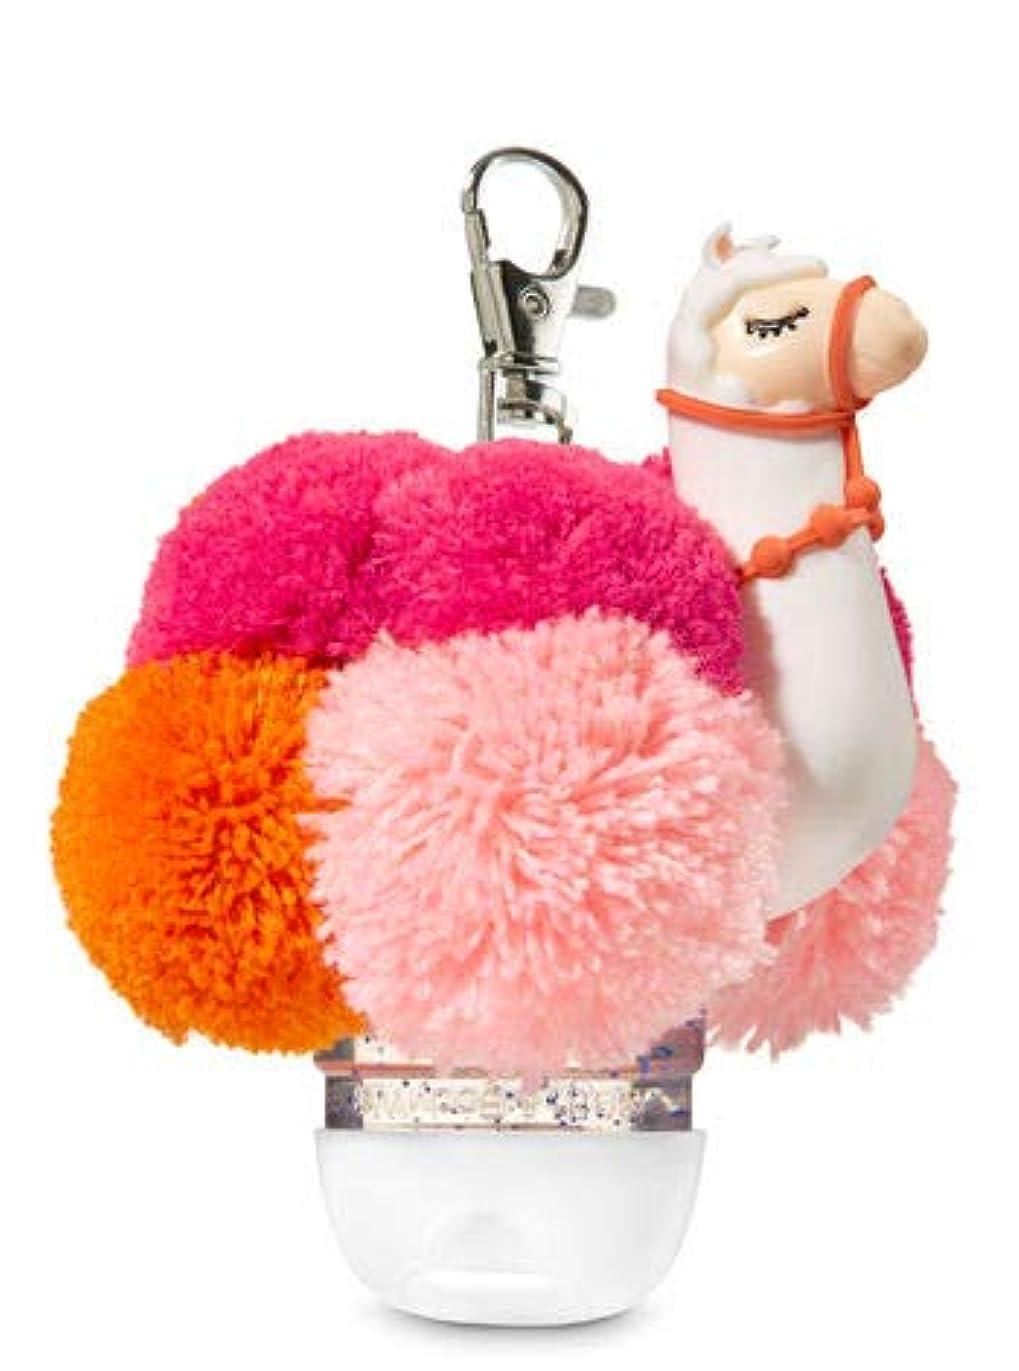 評判怒っている強化【Bath&Body Works/バス&ボディワークス】 抗菌ハンドジェルホルダー ラマポム Pocketbac Holder Llama Pom [並行輸入品]